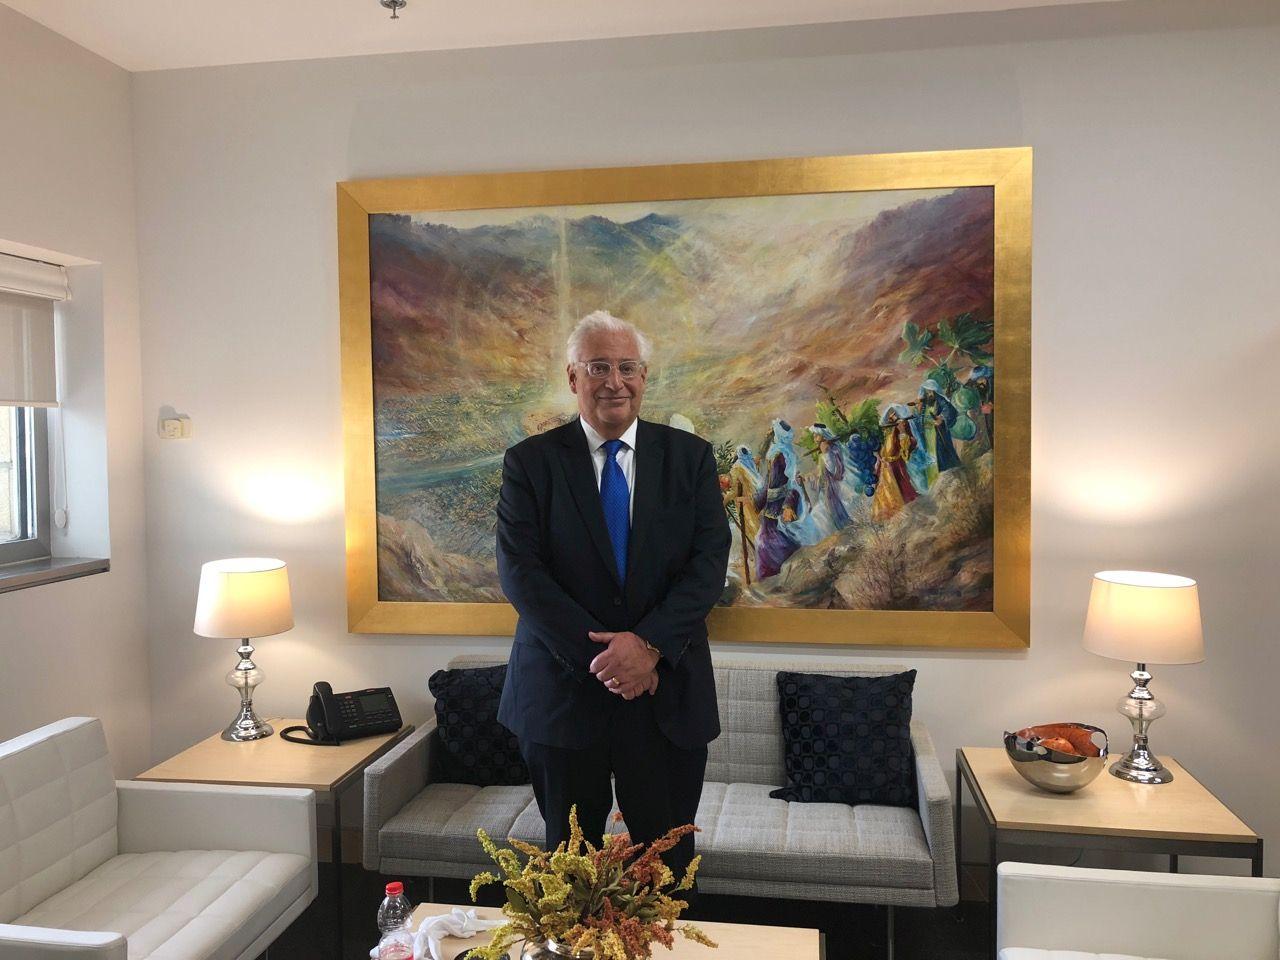 הציור של החרדית שיככב בשגרירות החדשה